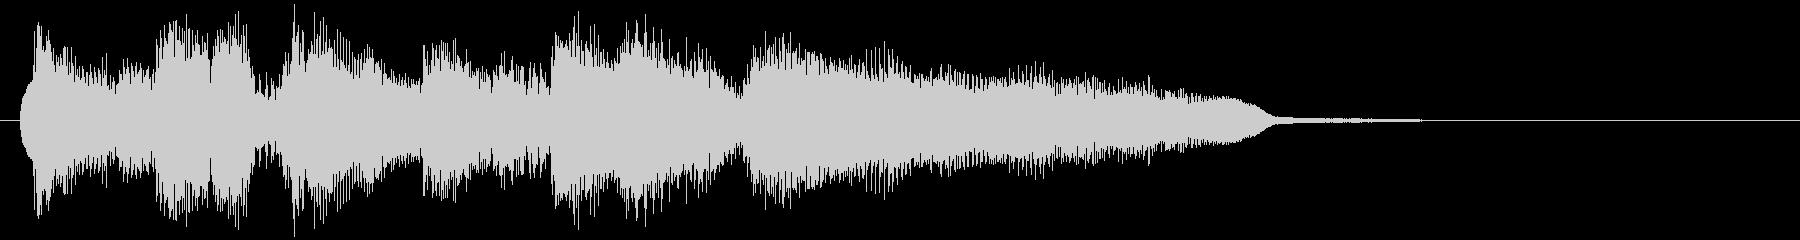 ソプラノサックスのボサノバサウンドロゴの未再生の波形